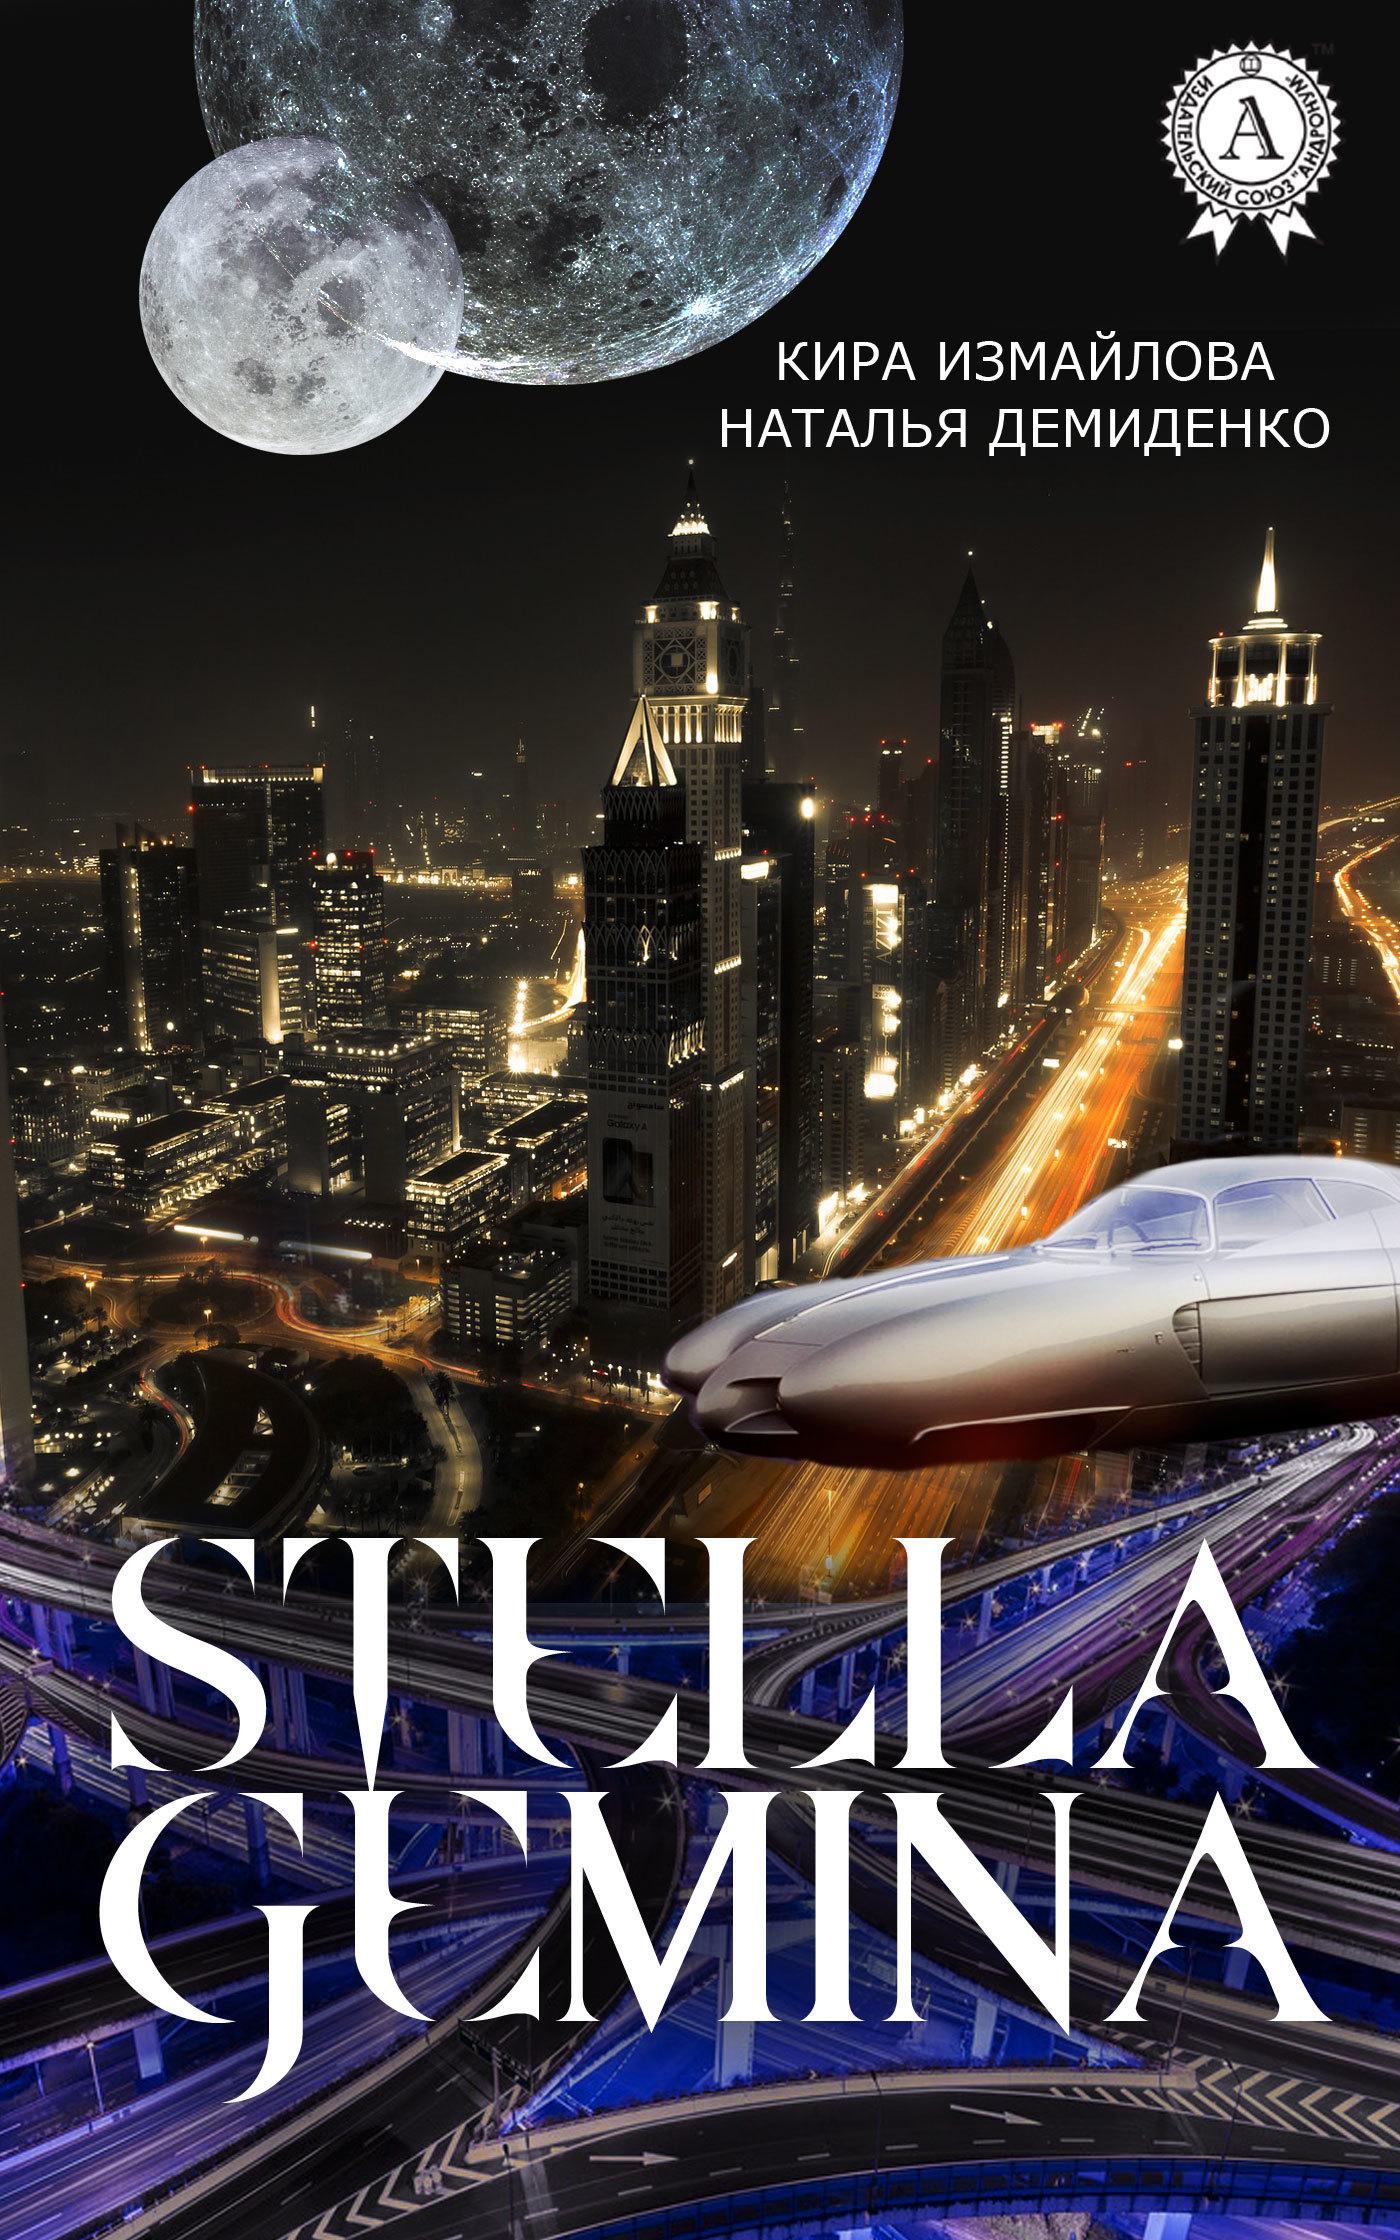 Кира Измайлова Stella Gemina кира измайлова stella gemina